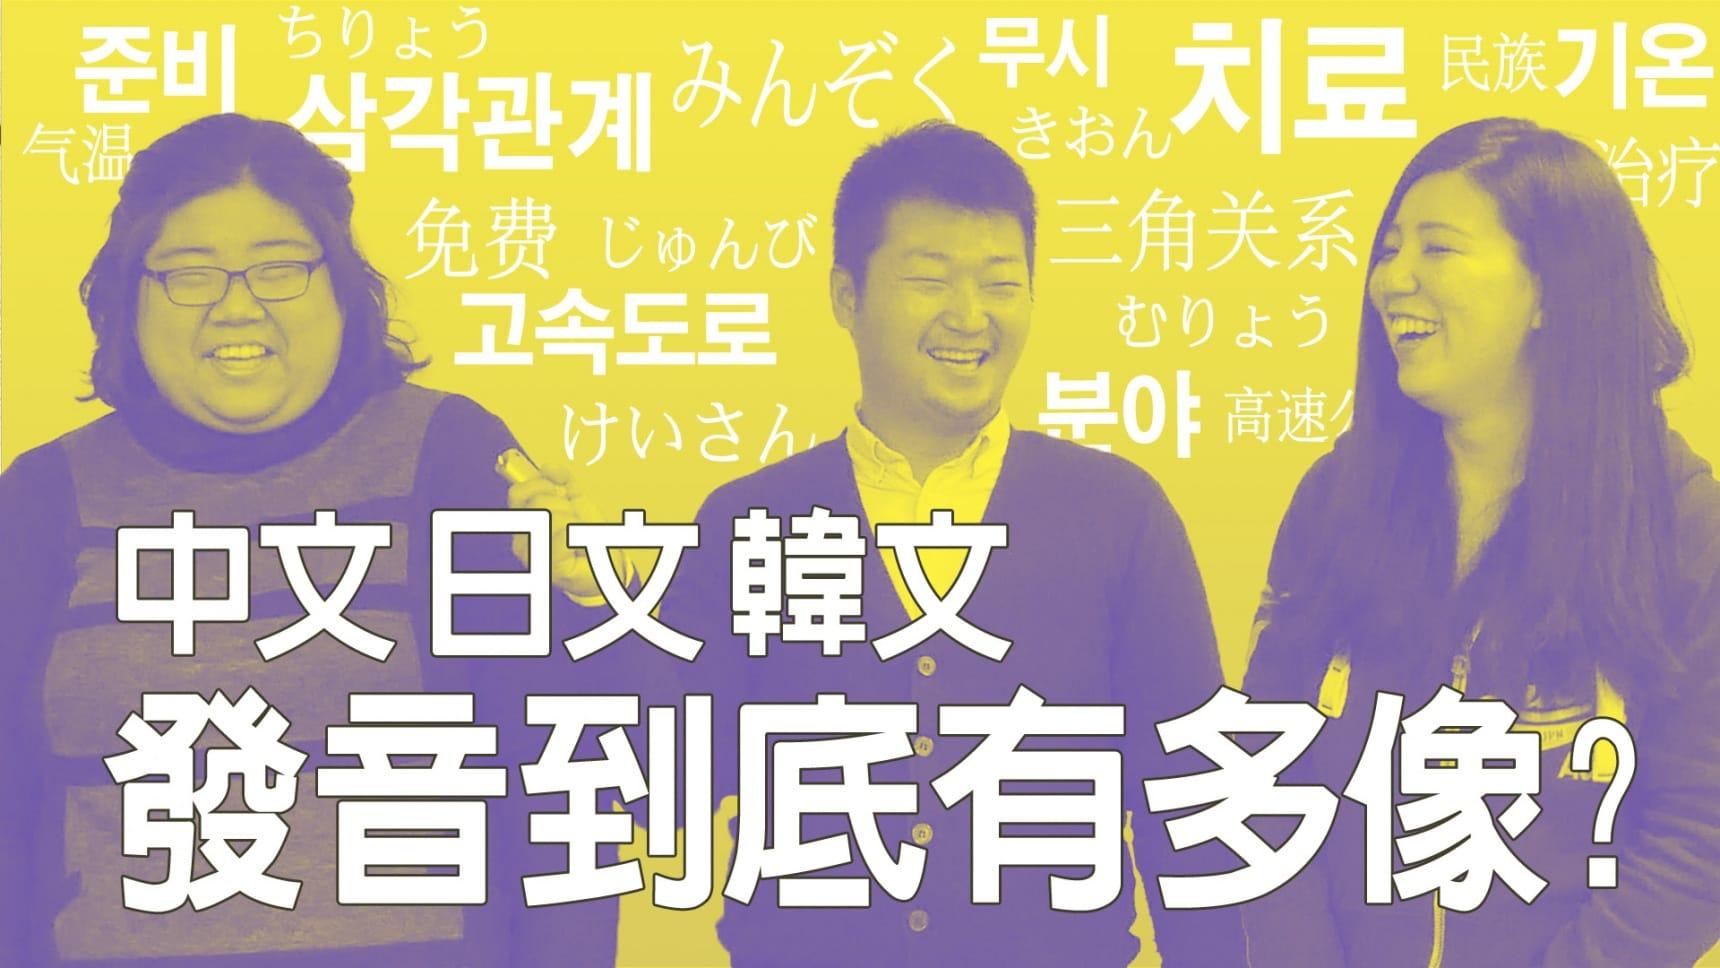 Oh my God!中文、日文、韓文這三國語言的某些發音竟如此相像?